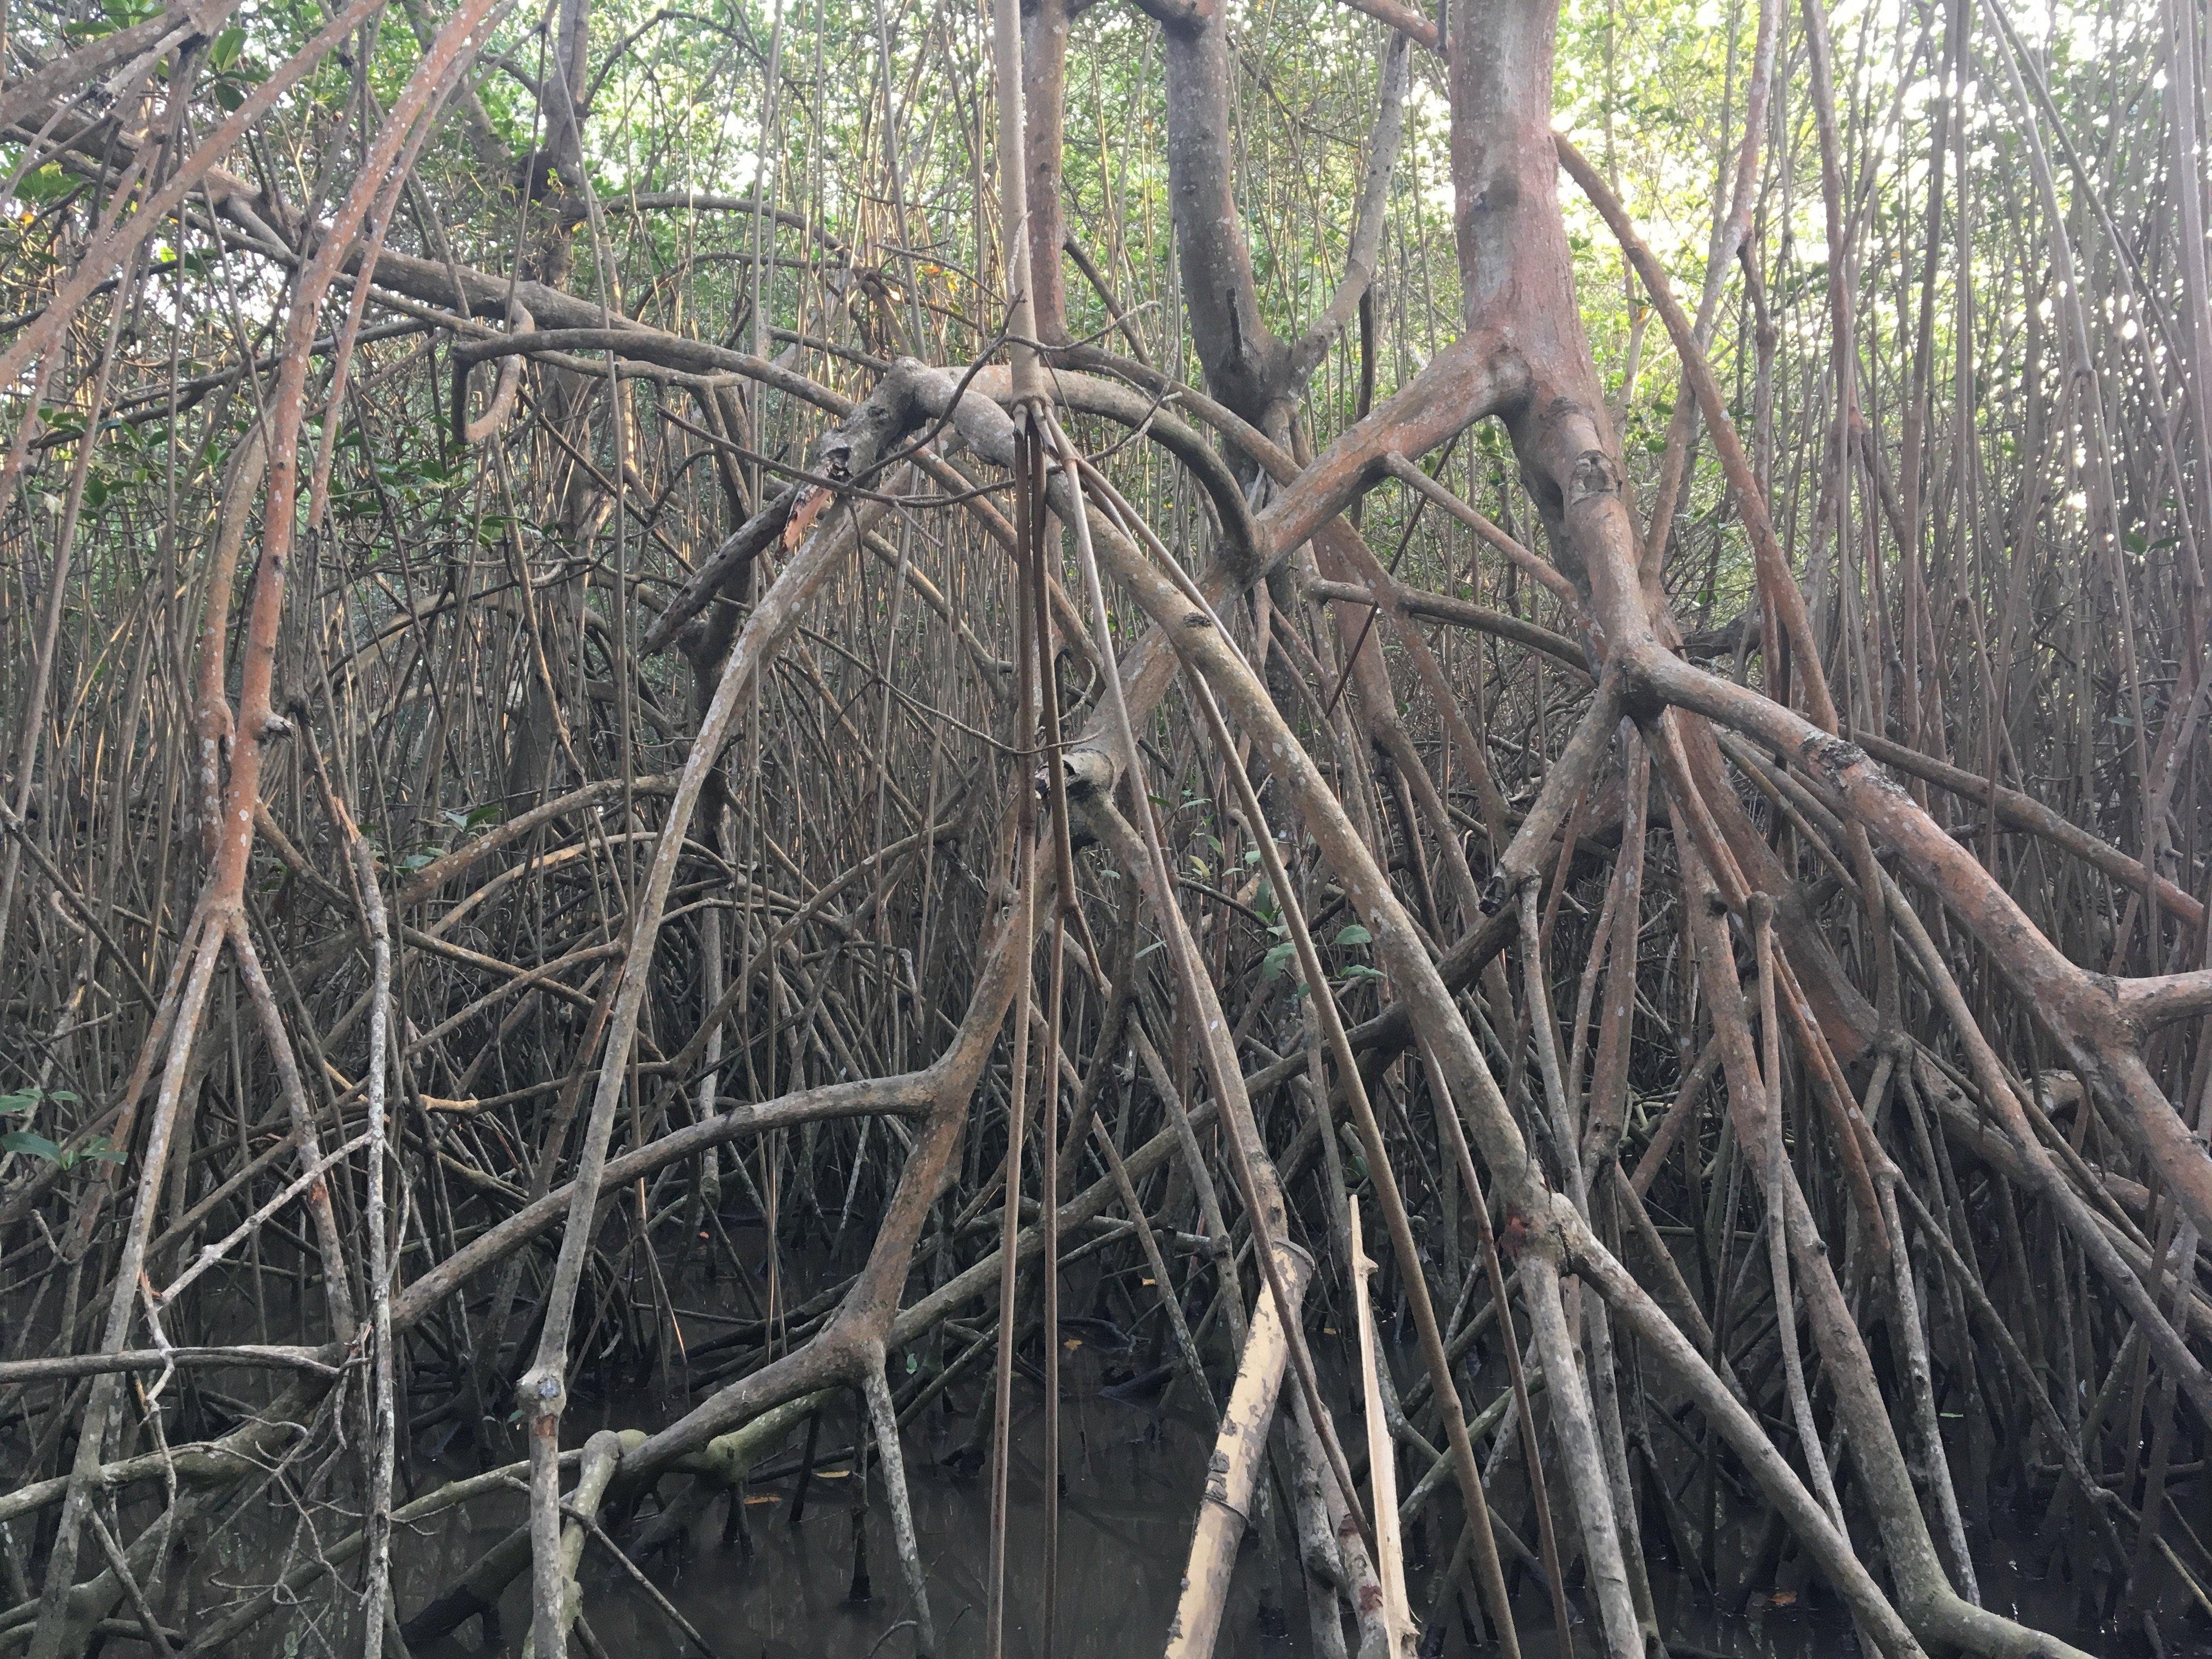 Vista del manglar por dentro, donde la comunidad Las Gilces construye un sendero ecológico para reactivar su economía